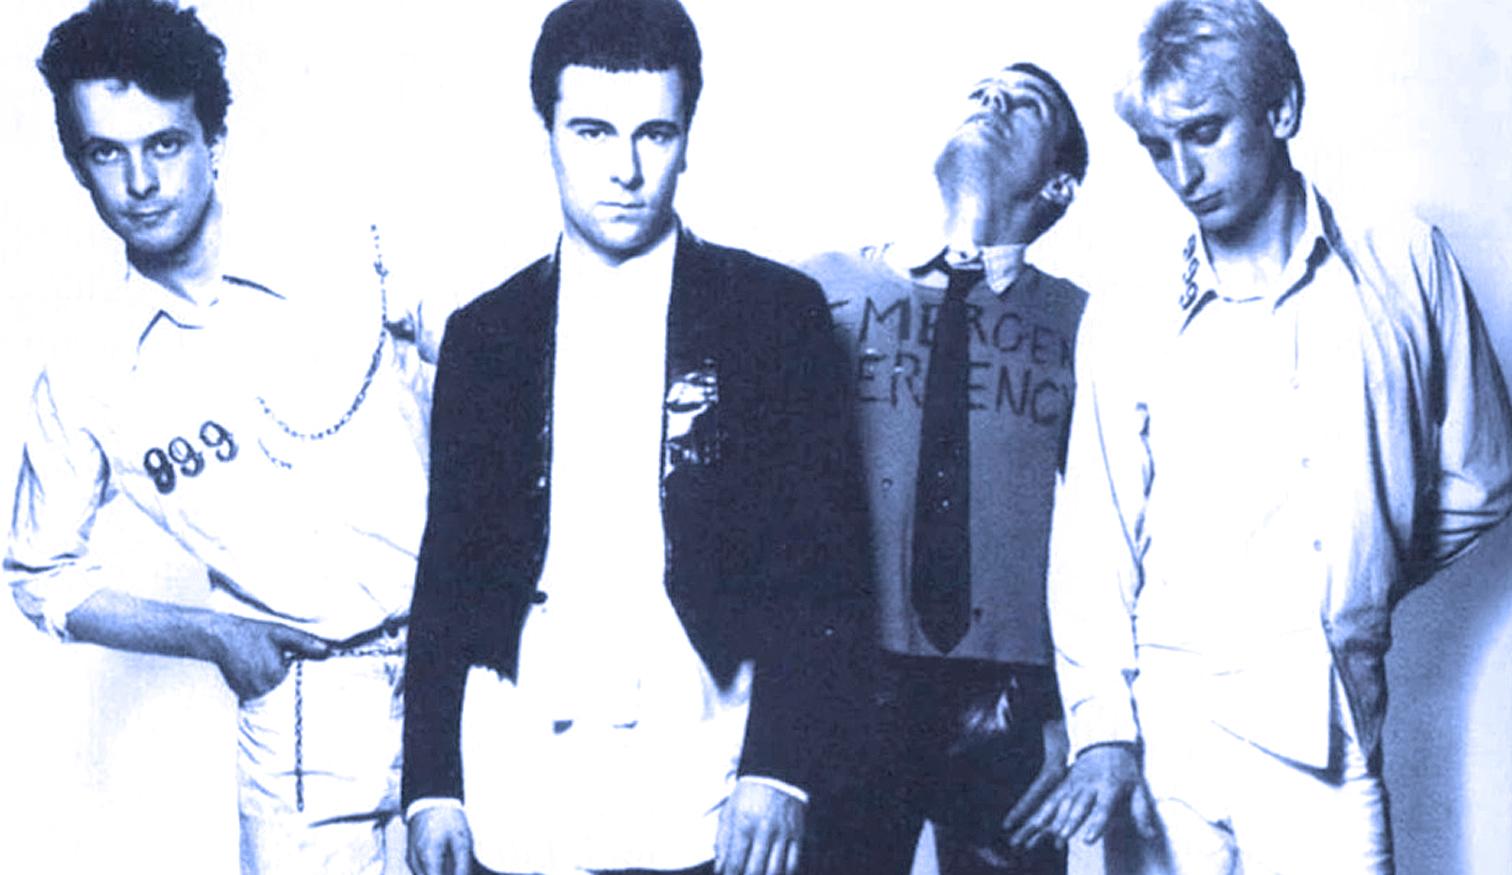 999 - John Peel session - 1978